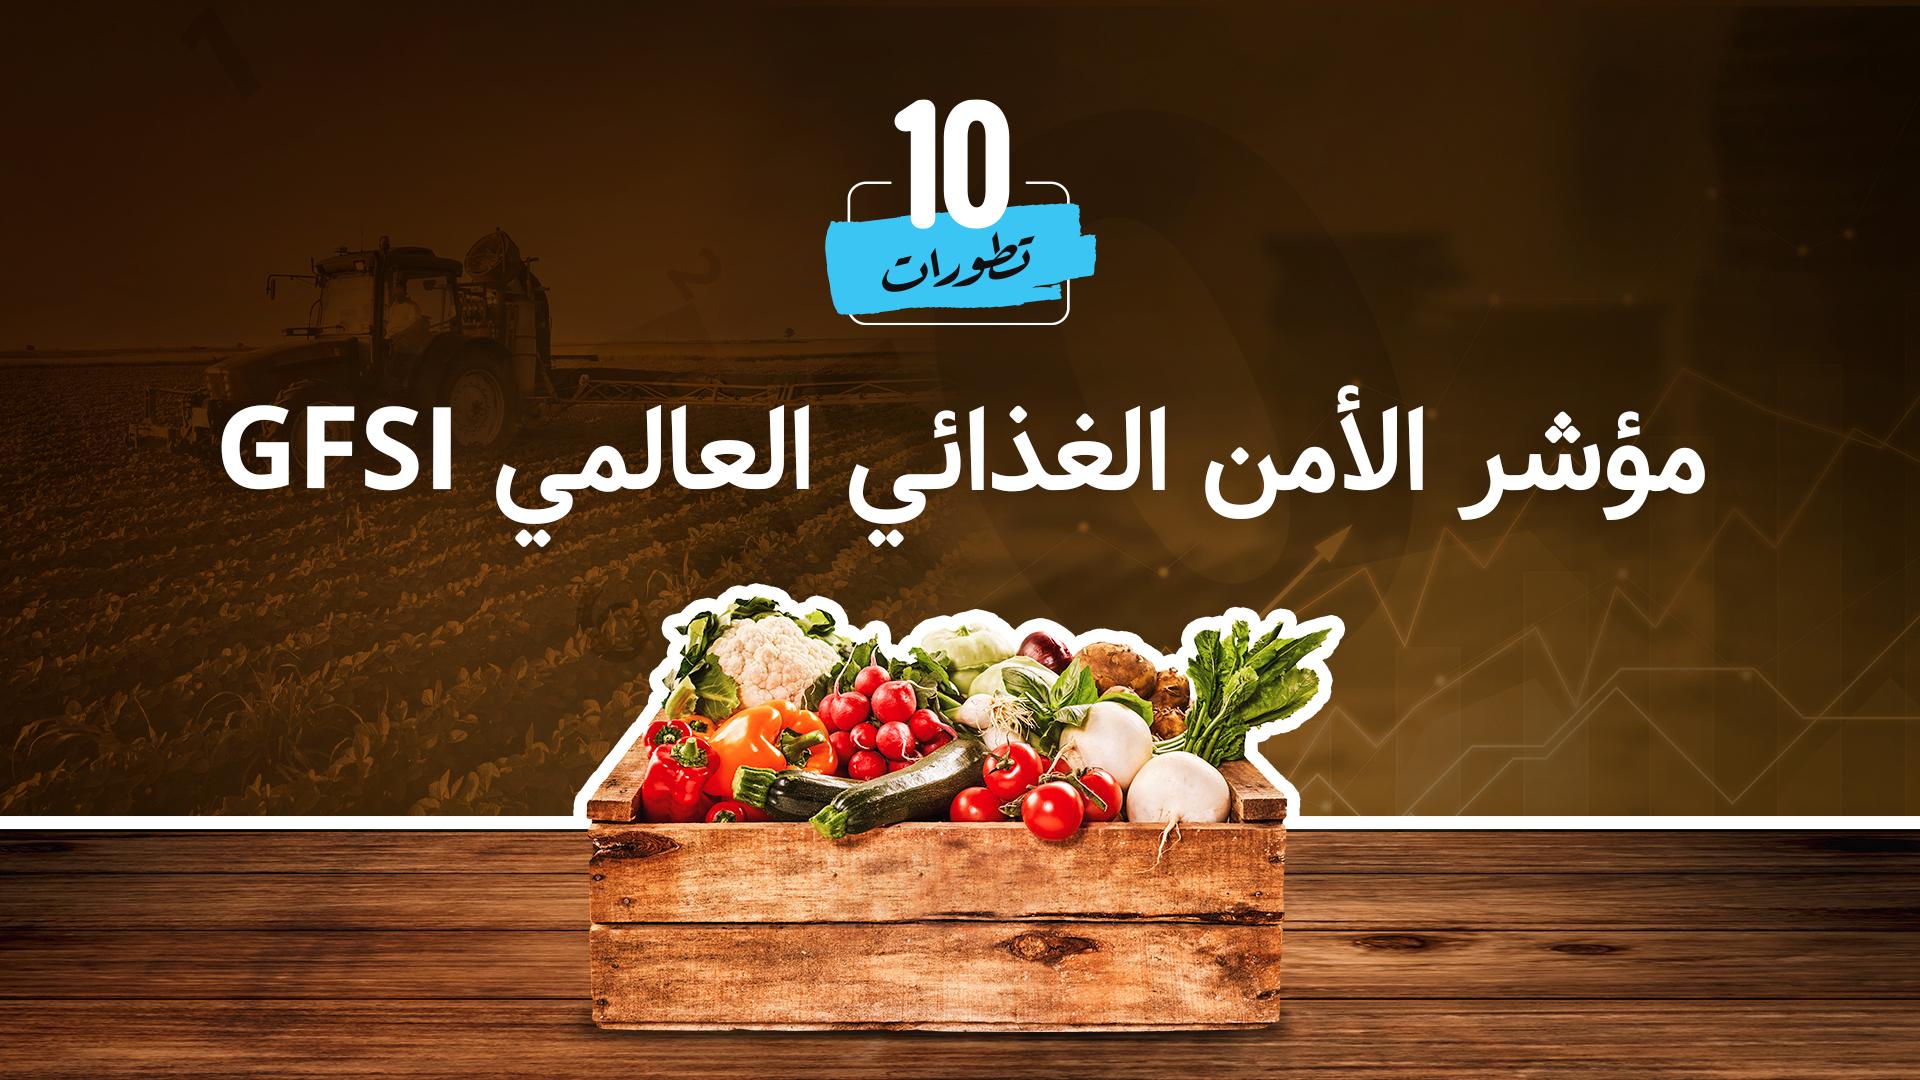 ترتيب السعودية في مؤشر الأمن الغذائي GFSI